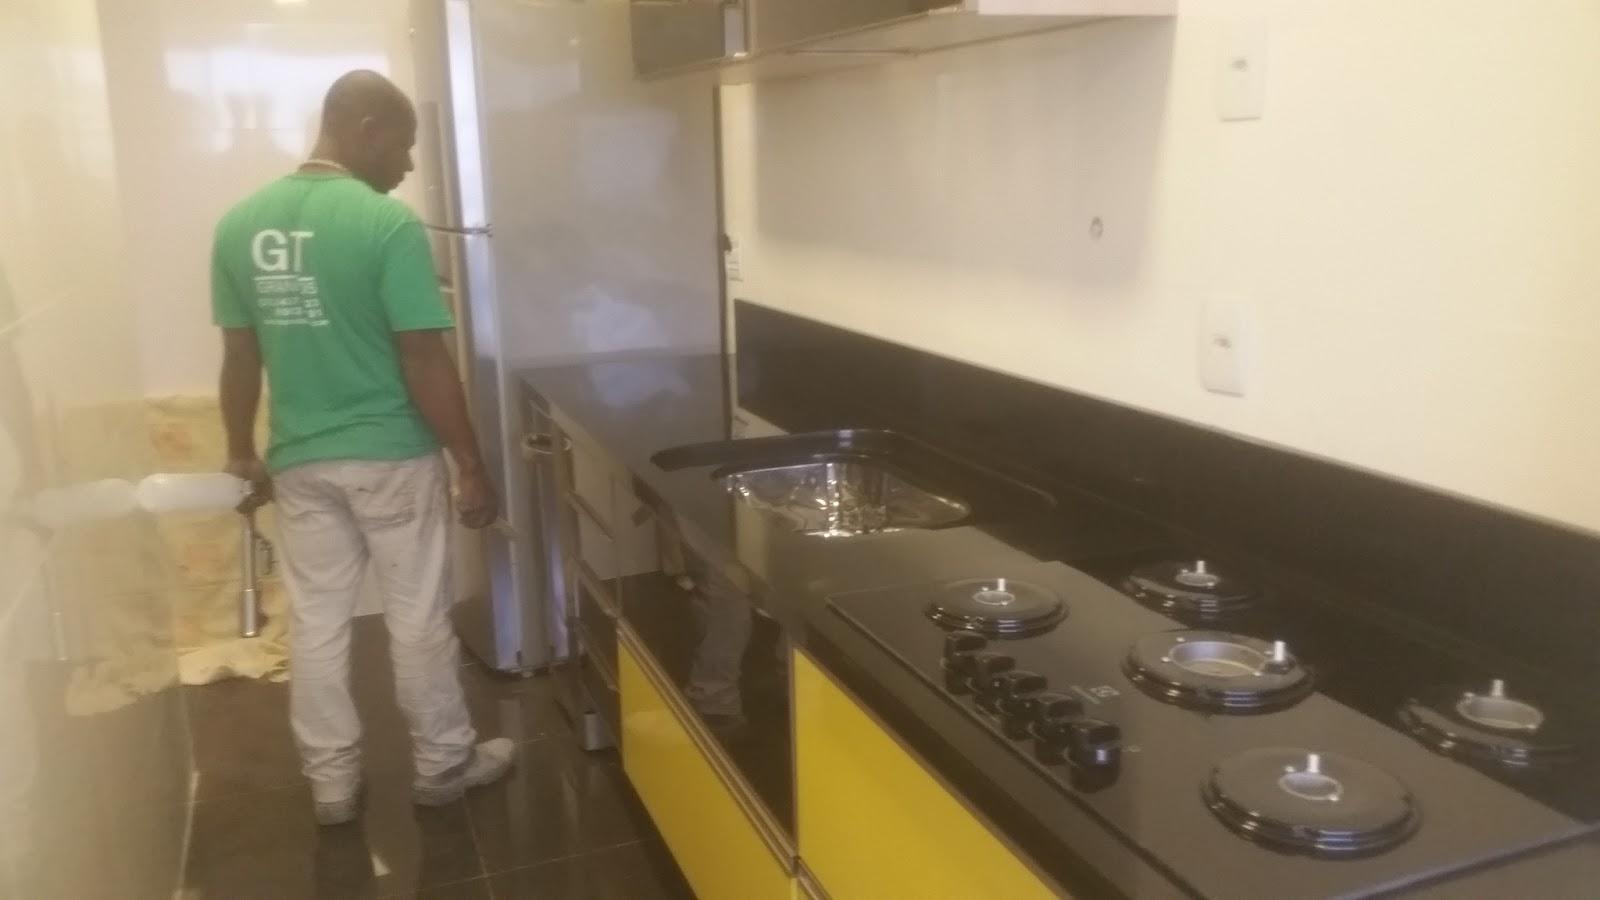 GT GRANITOS Bancada de cozinha em preto absoluto # Bancada De Cozinha Preto Absoluto